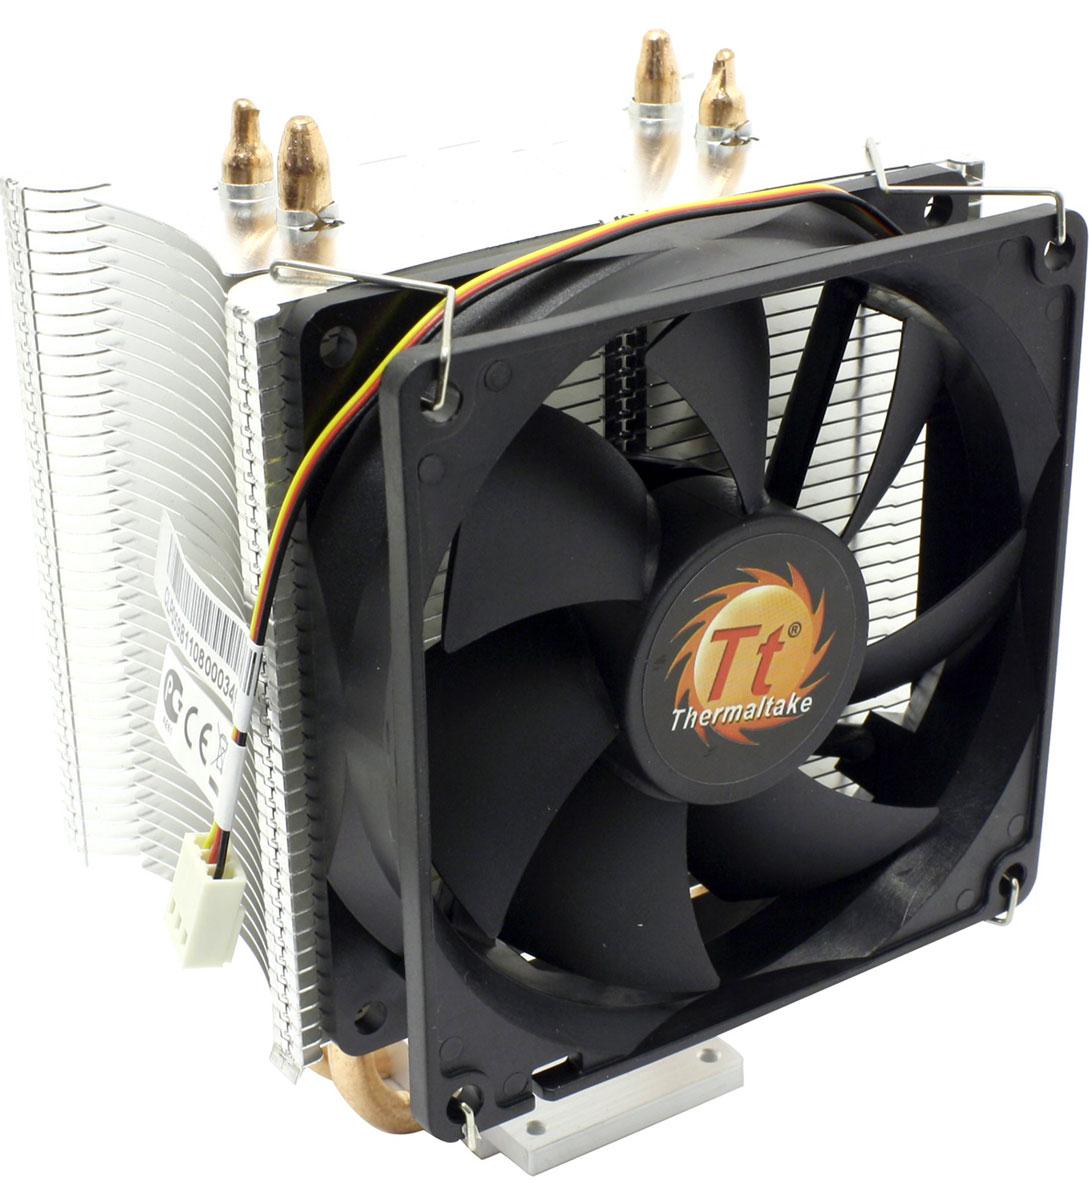 Thermaltake Contac 16 кулер компьютерныйCLP0598Кулер Thermaltake Contac 16 обеспечивает великолепную производительность, благодаря технологии прямого контакта. Две теплотрубки диаметром 6 мм обеспечивают хороший контакт с CPU и улучшают теплопередачу. Высококачественная термопаста обеспечивает высокую теплопередачу между поверхностью CPU и основанием кулера. Предустановленный 92 мм высокоэффективный вентилятор Дополнительно прилагаются две крепежные клипсы для второго вентилятора